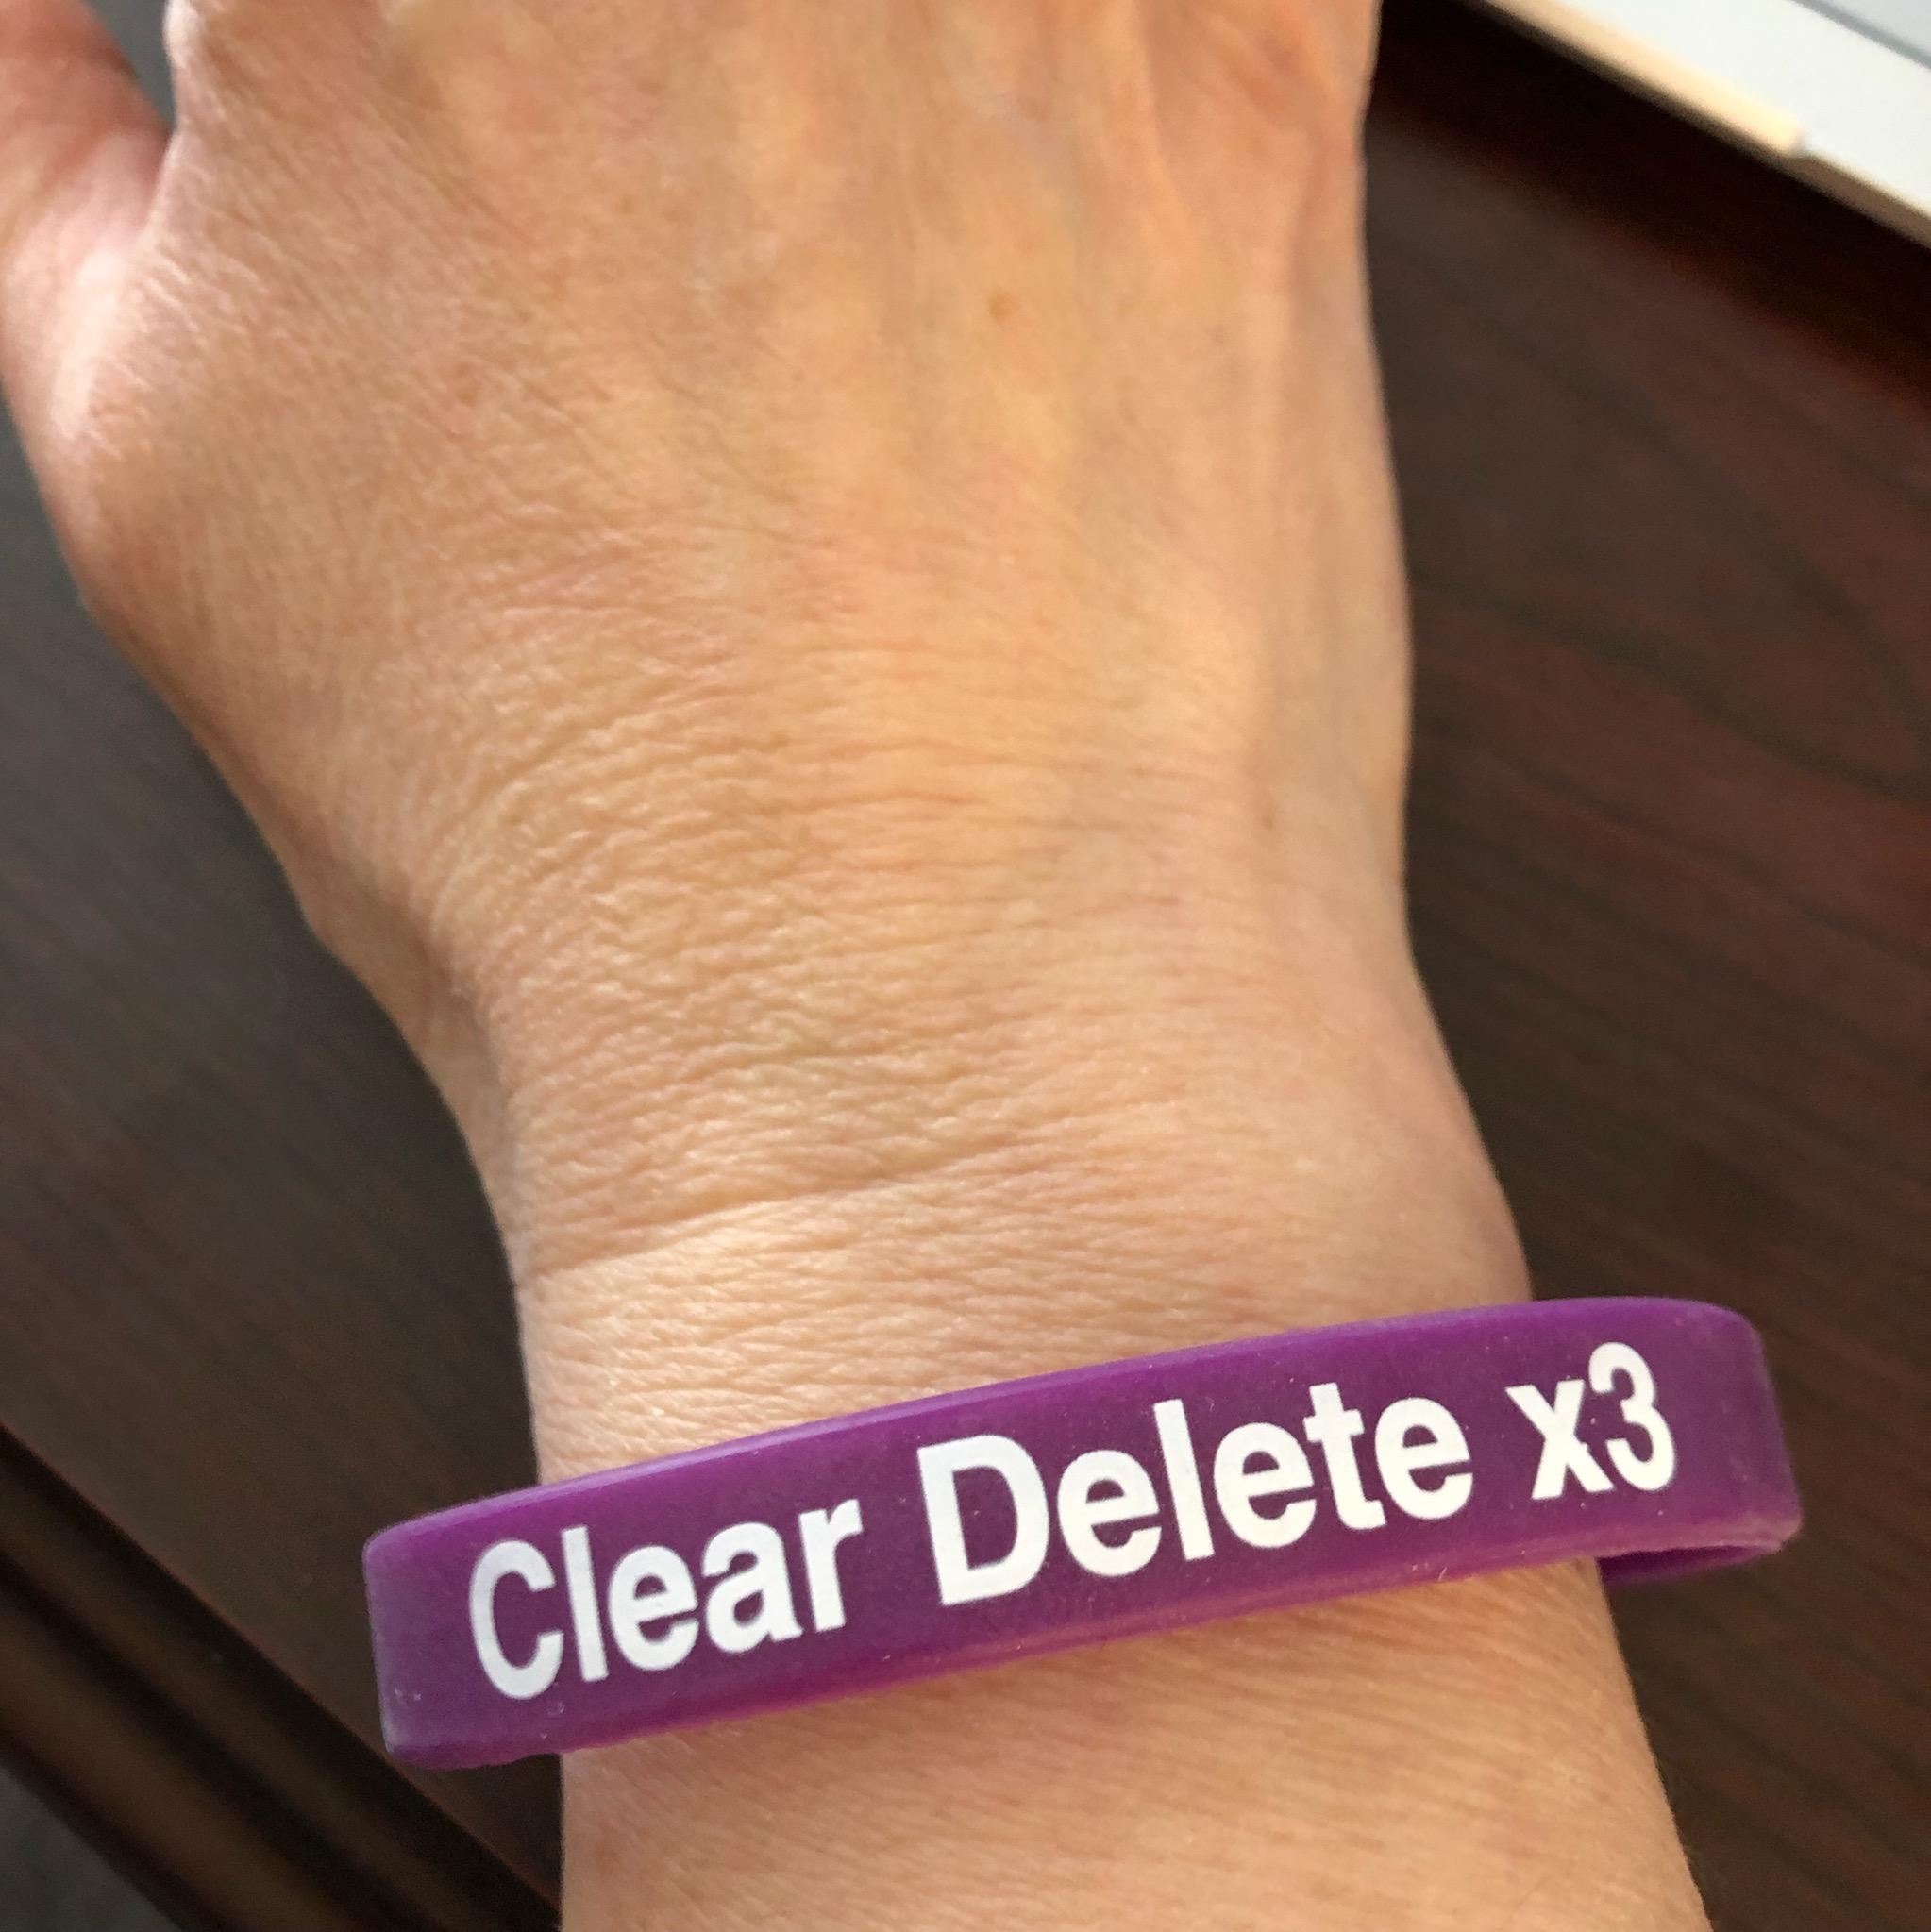 clear delete.jpg